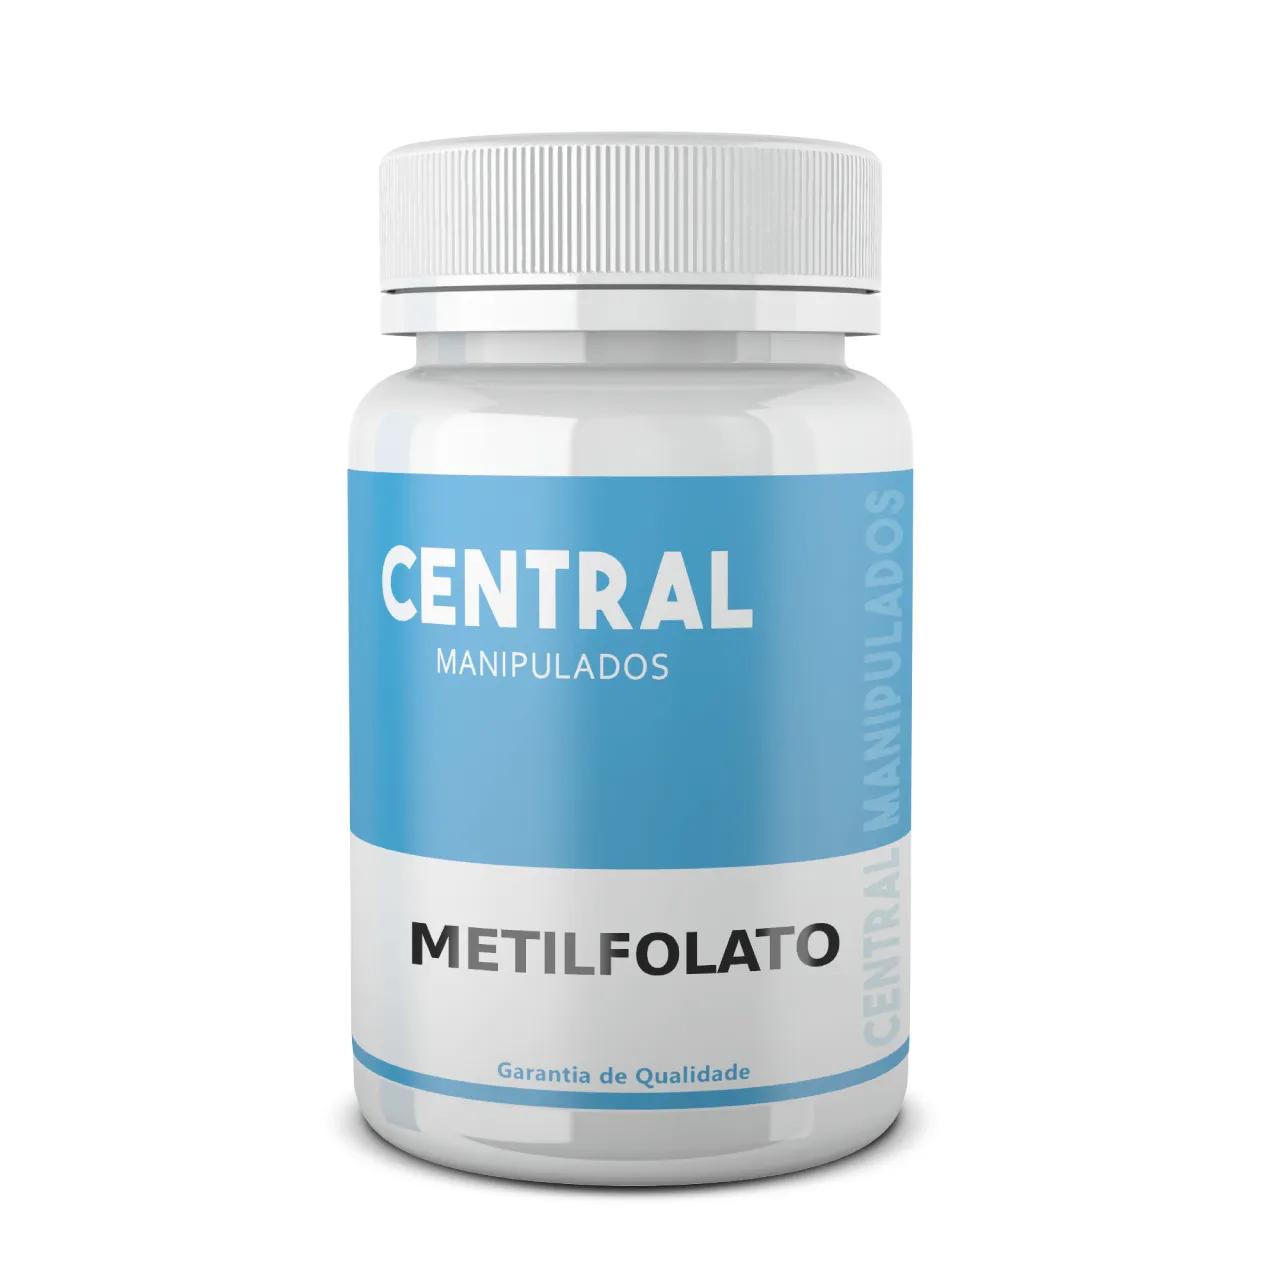 Metilfolato 800 mcg - 60 cápsulas - Forma Ativa do Ácido Fólico, Antidepressivo, Tratamentos de doença cardiovascular, Desintoxicante